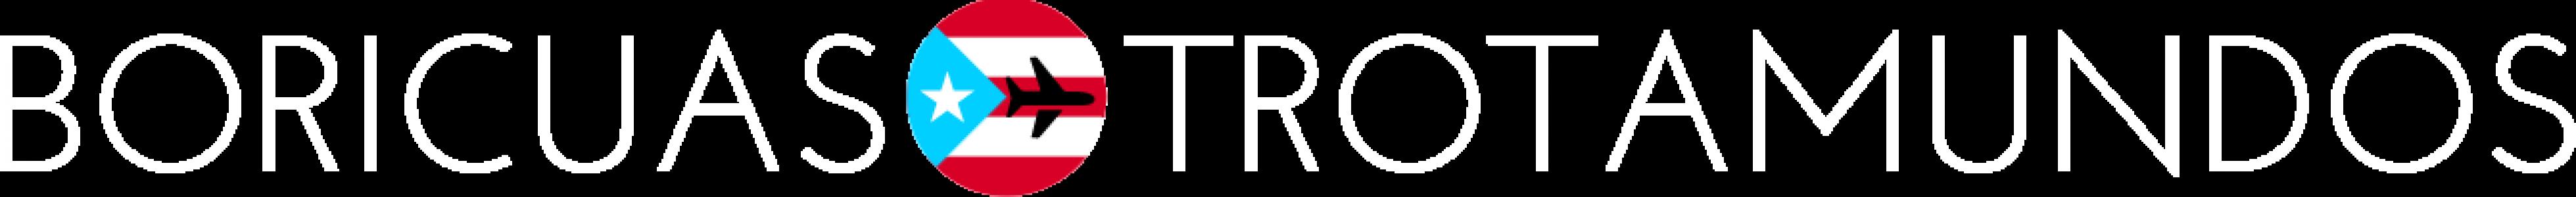 Boricuas Trotamundos